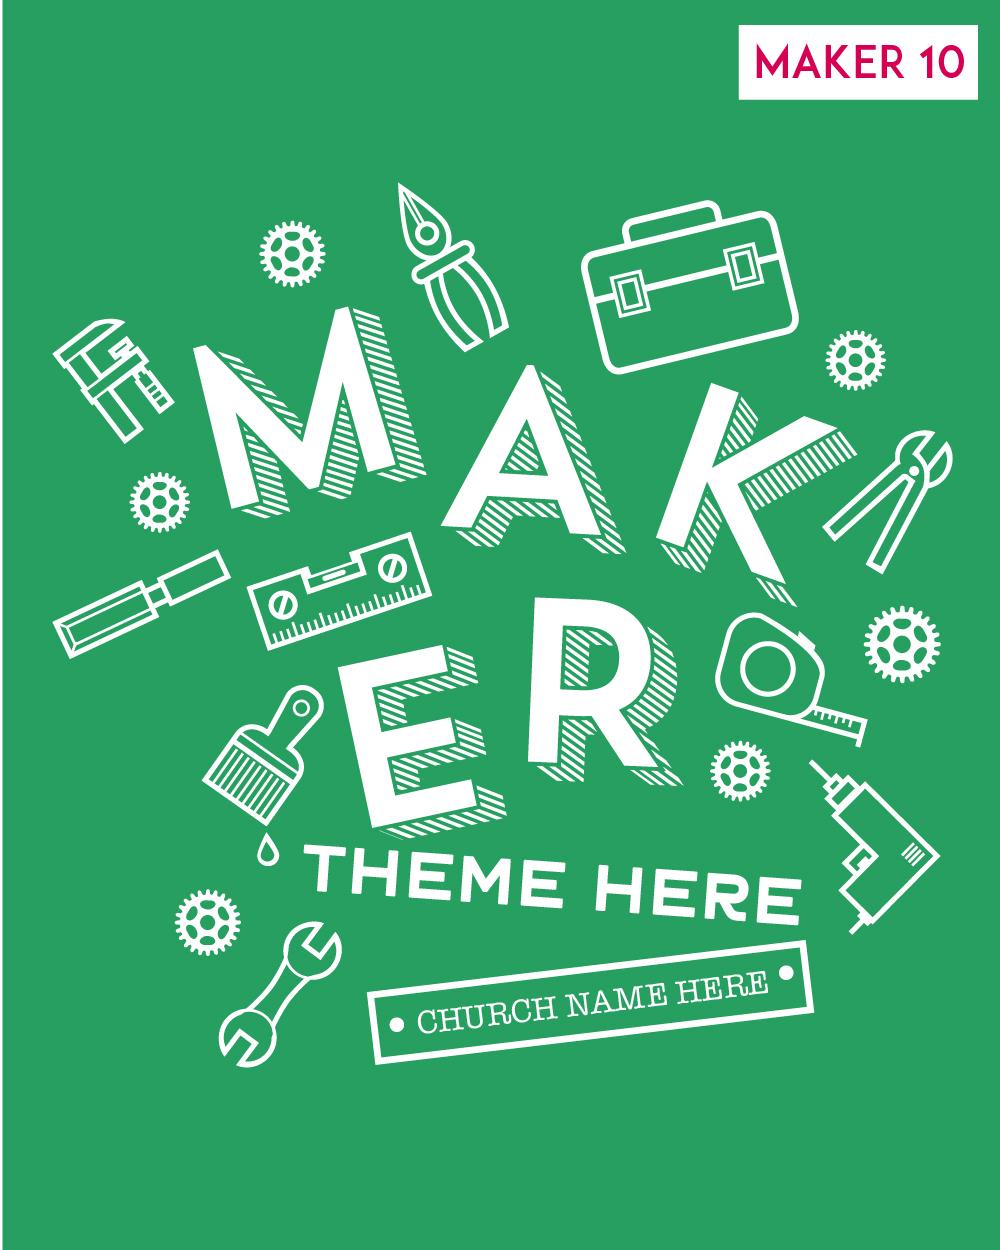 Maker 10-02.jpg